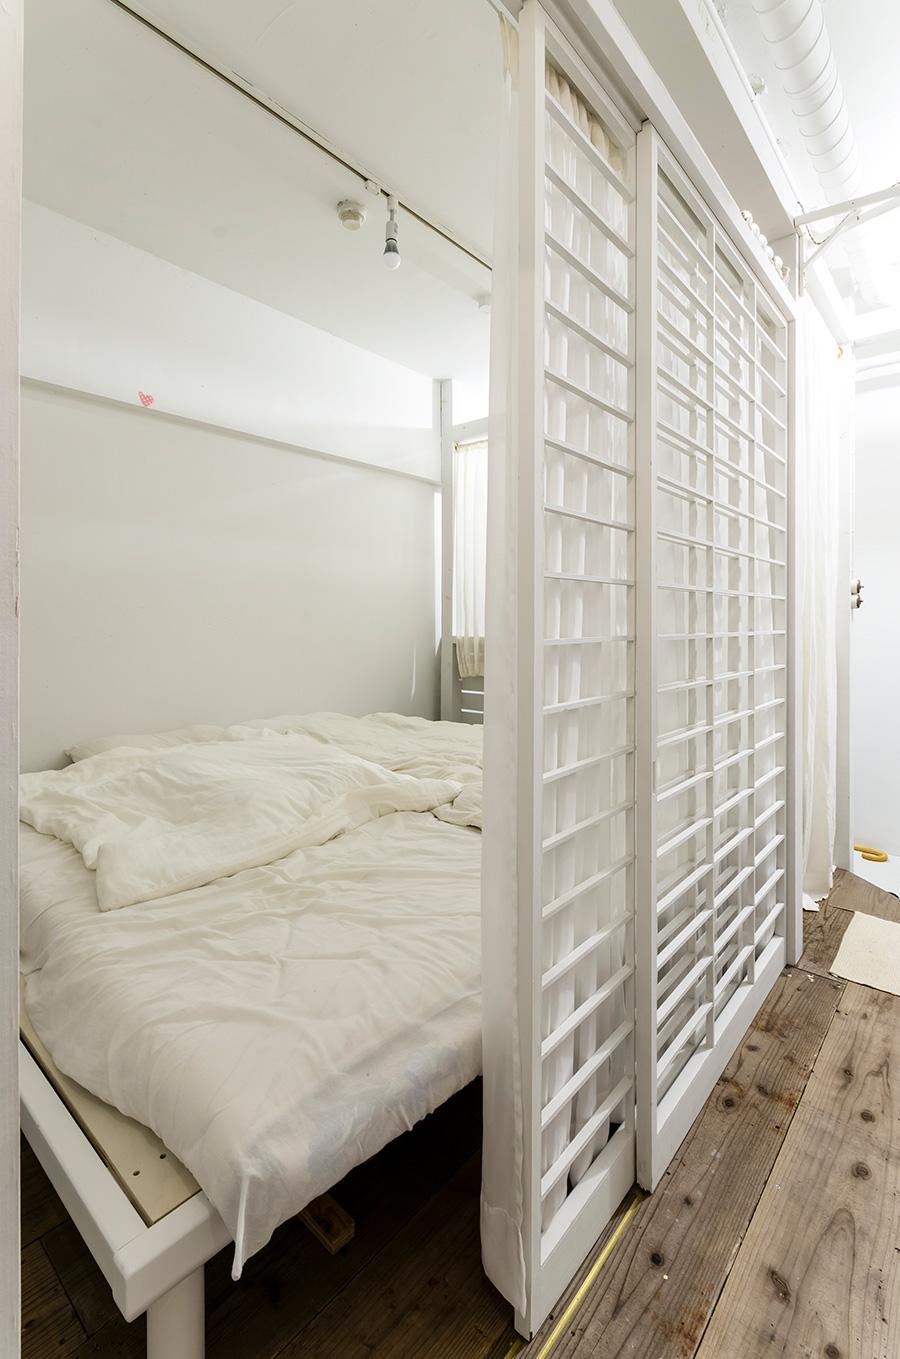 ベッドルームの引き戸は障子の組子を再利用したもの